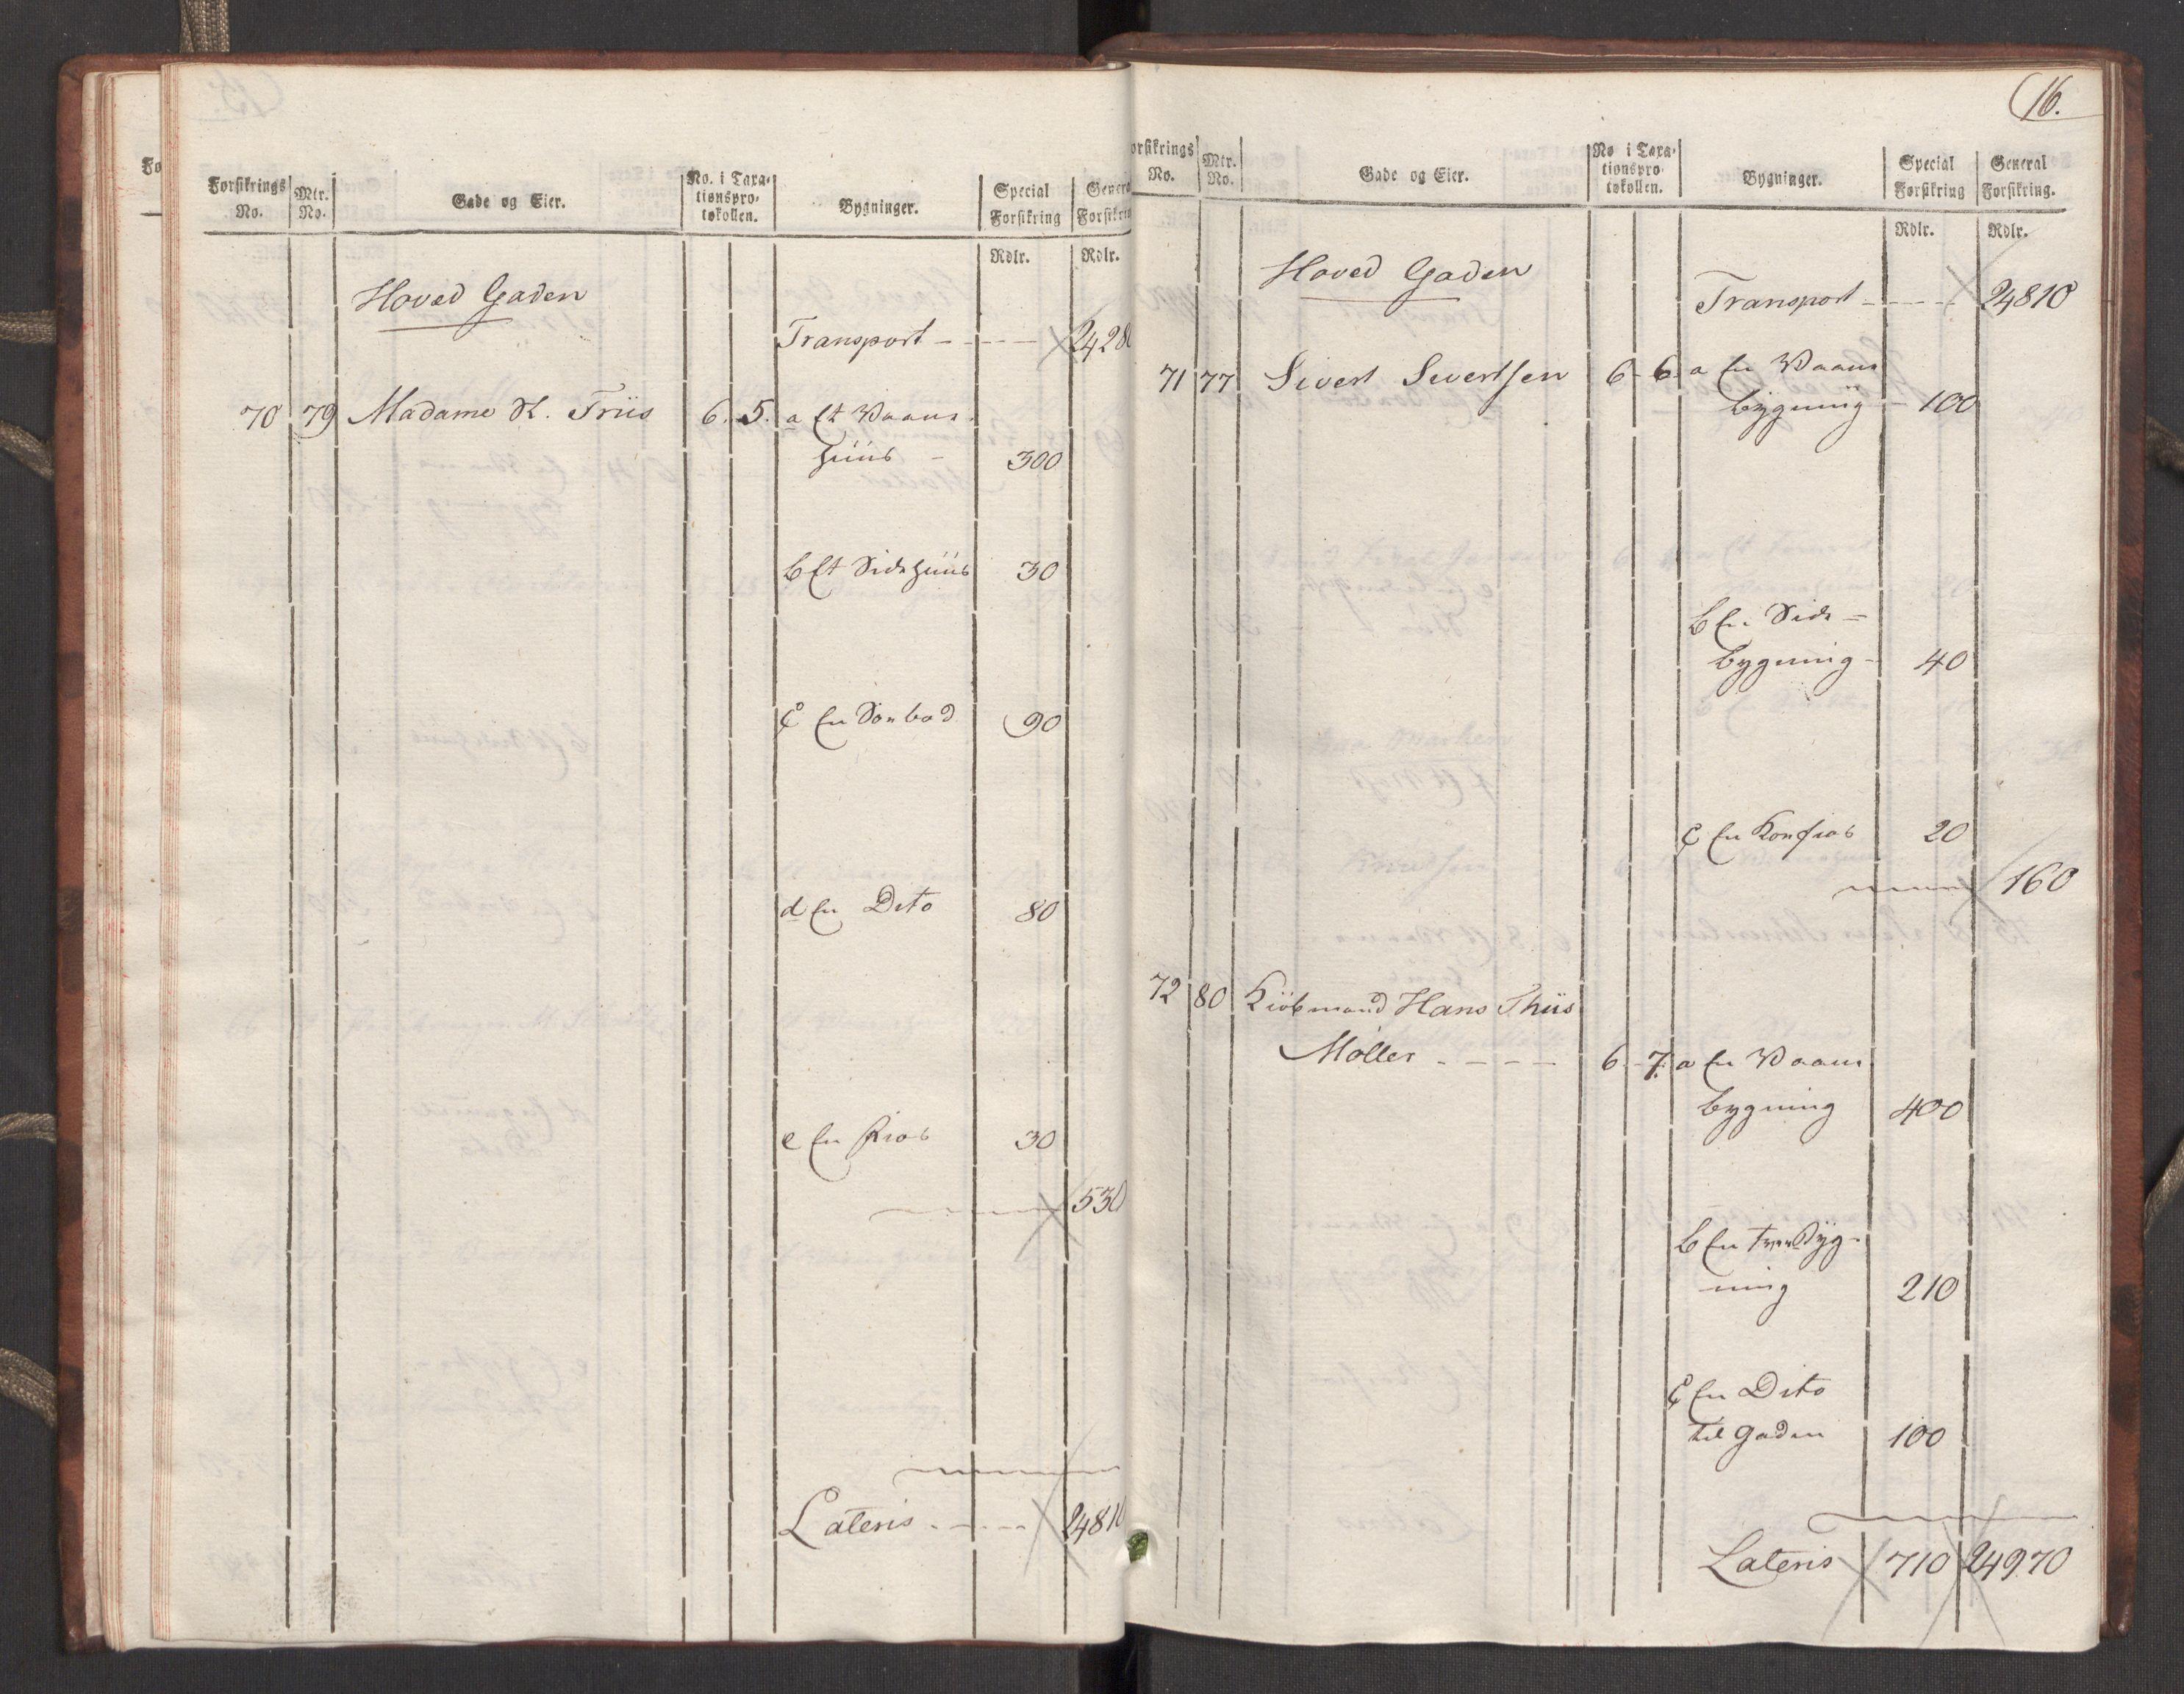 RA, Kommersekollegiet, Brannforsikringskontoret 1767-1814, F/Fa/L0039: Molde, 1807-1817